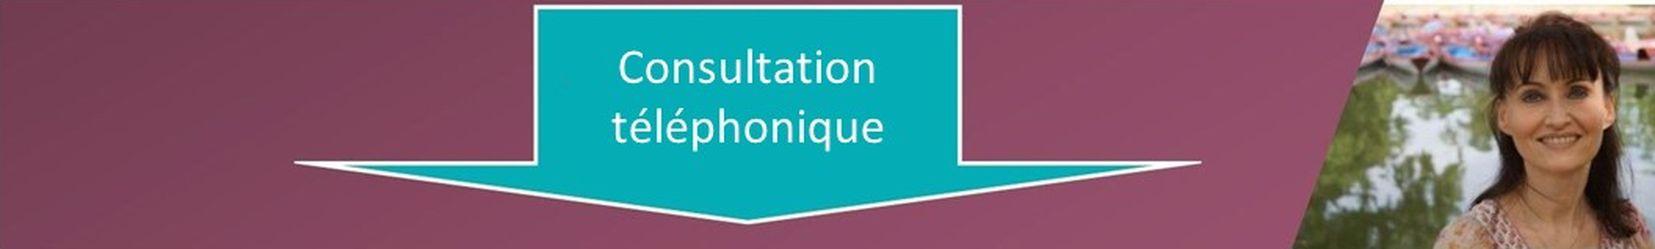 Prendre un RDV téléphonique pour une consultation au téléphone avec la psychanalyste Valérie Sengler